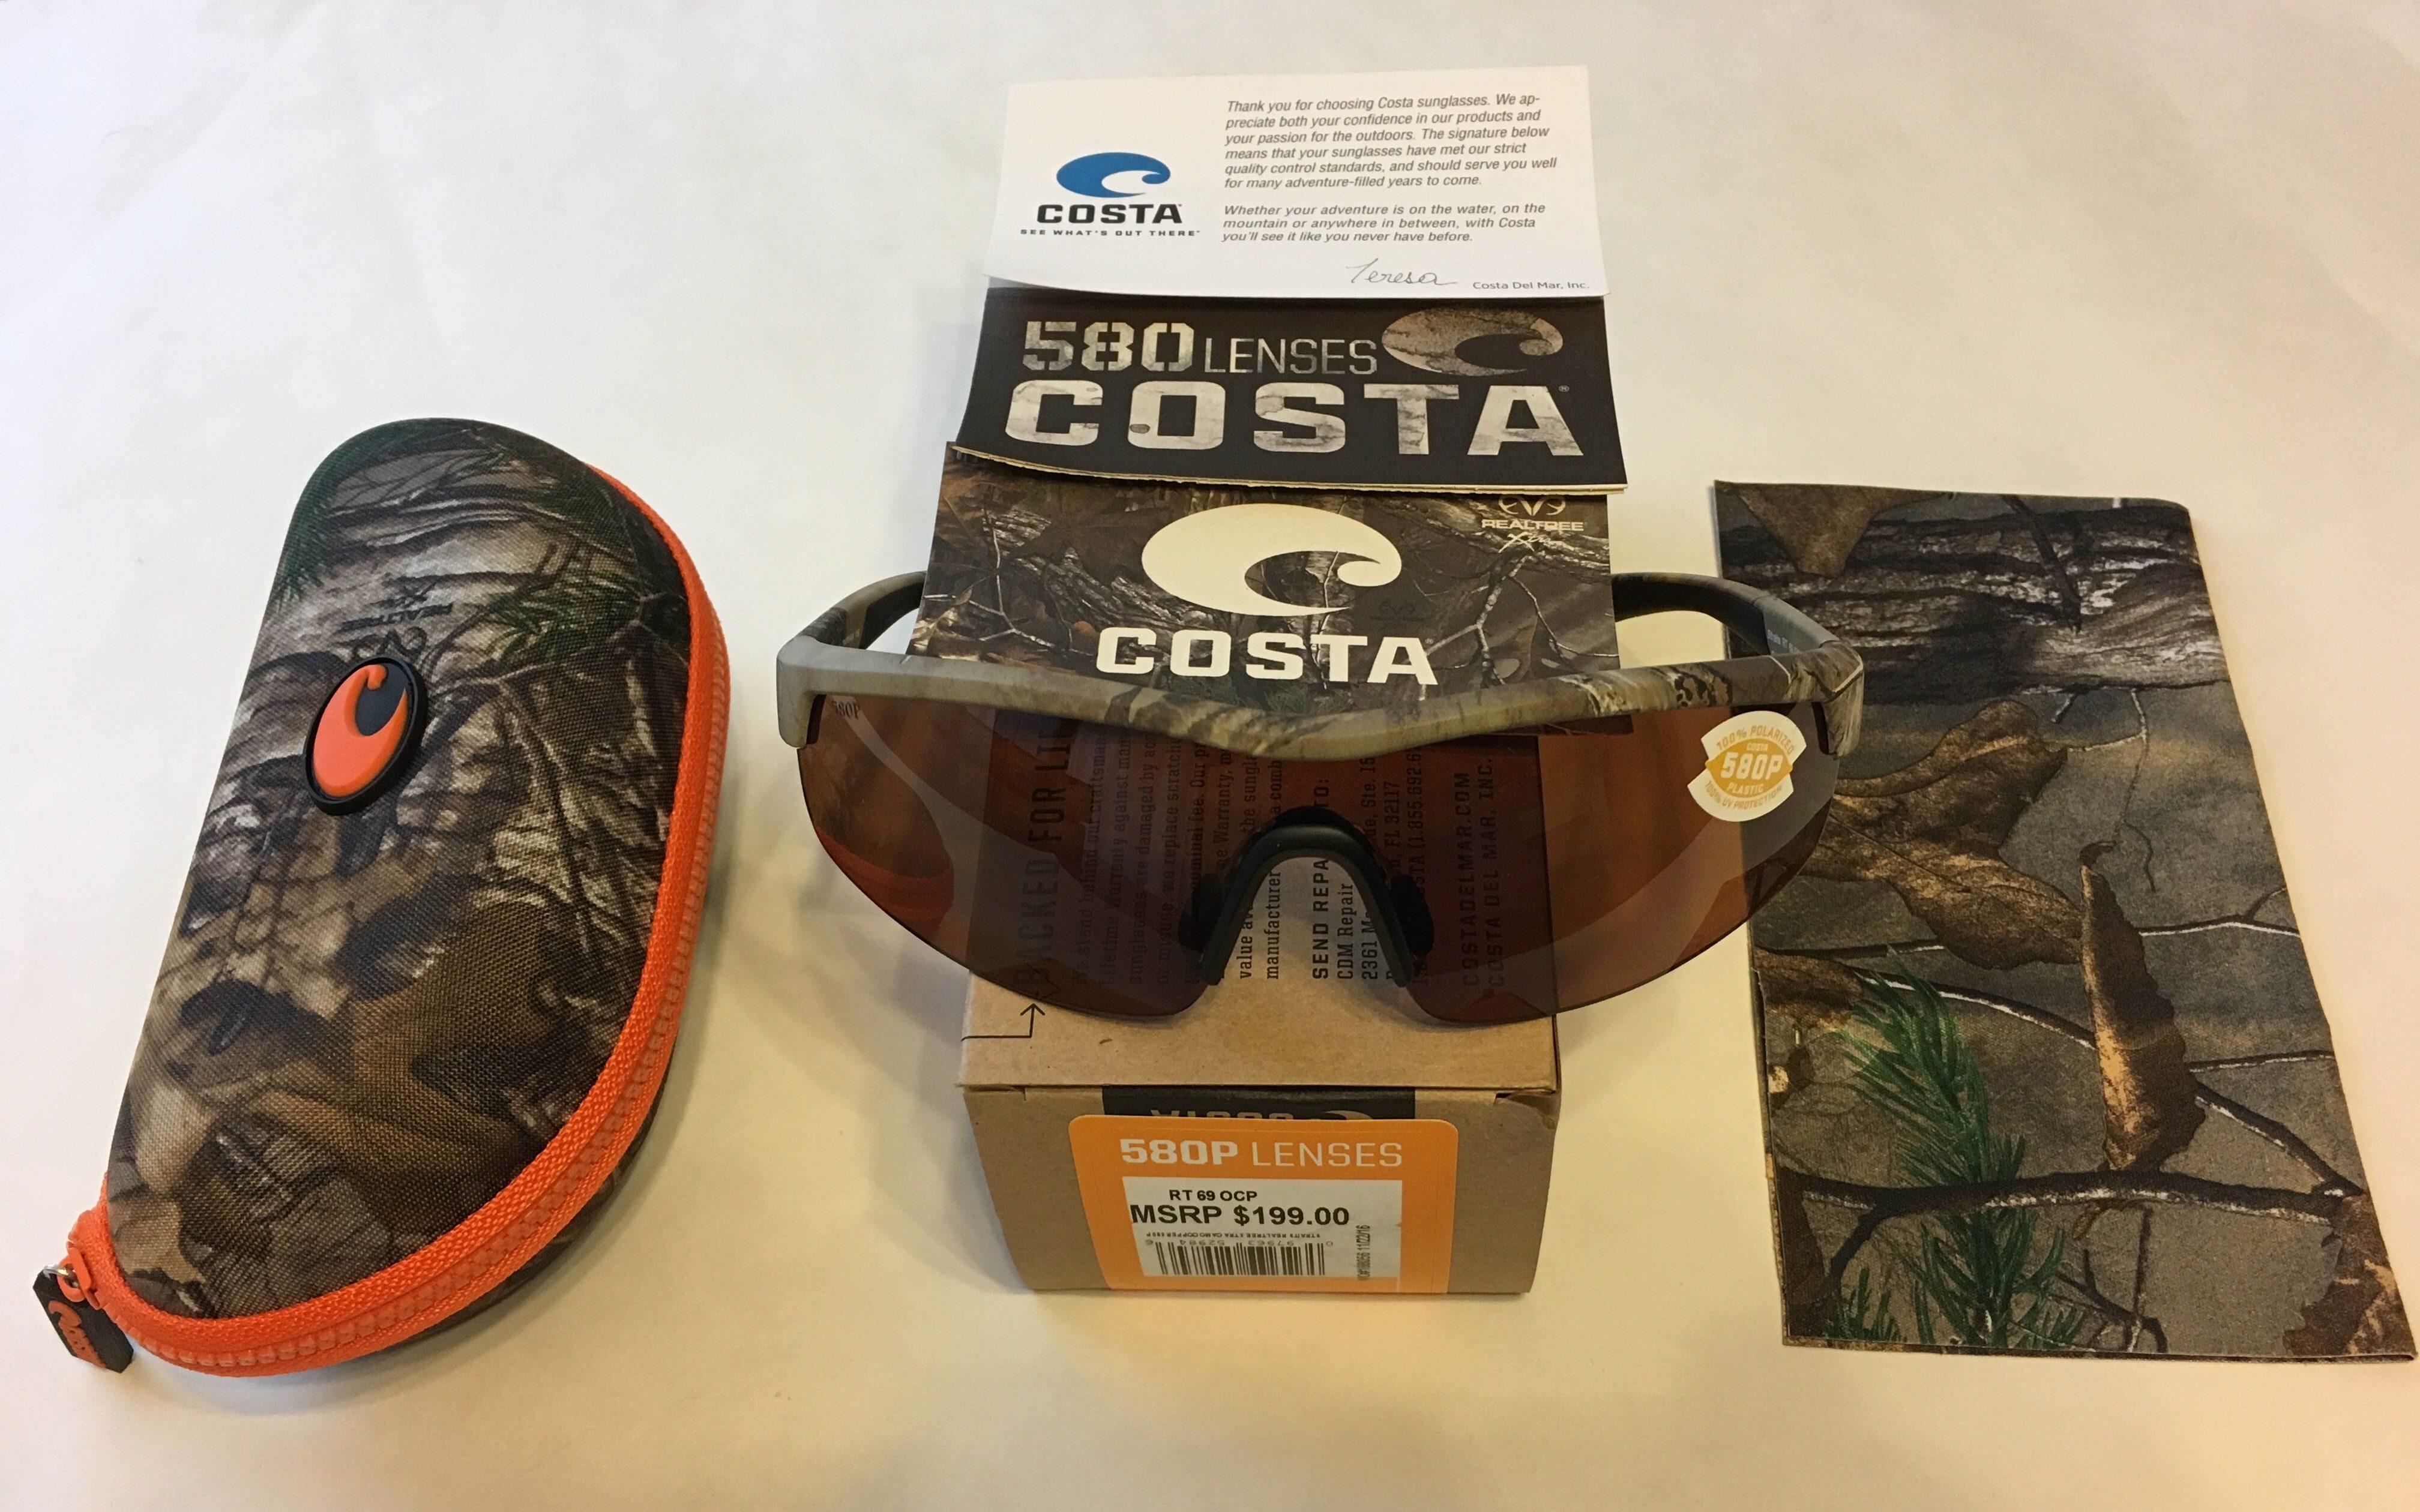 c005c8fe8197 Costa Del Mar Straits Sunglasses - Realtree Xtra Camo POLARIZED Copper 580P